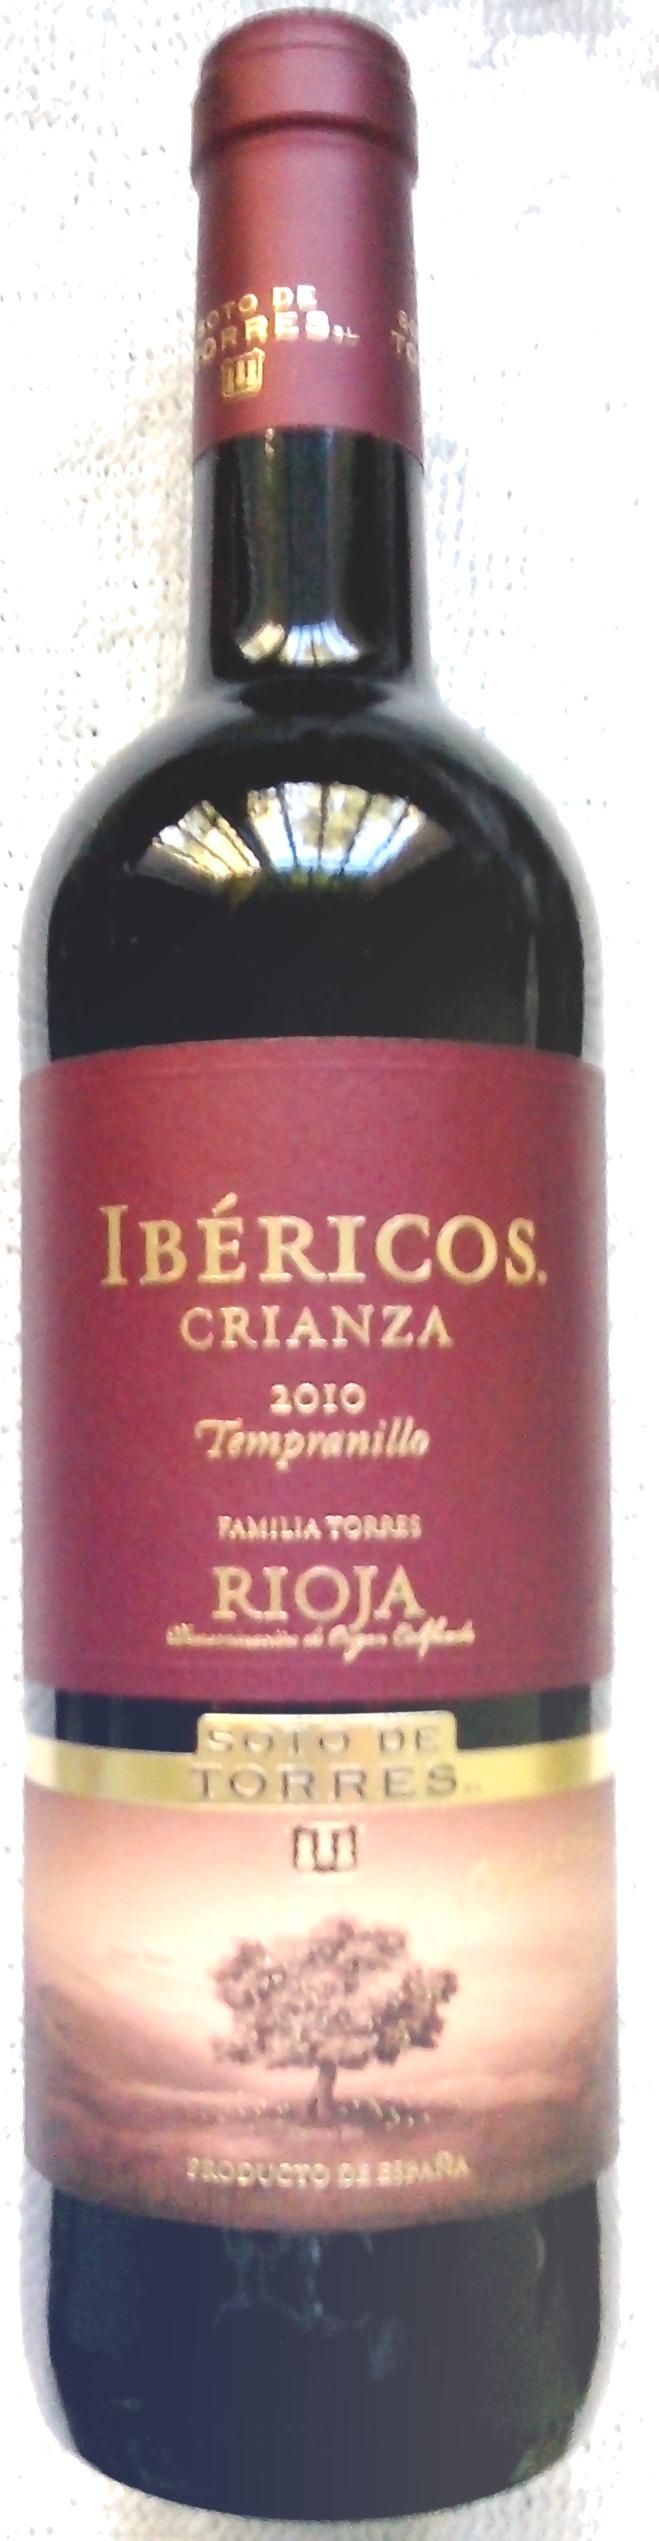 IBÉRICOS CRIANZA 2010 Rioja - Producto